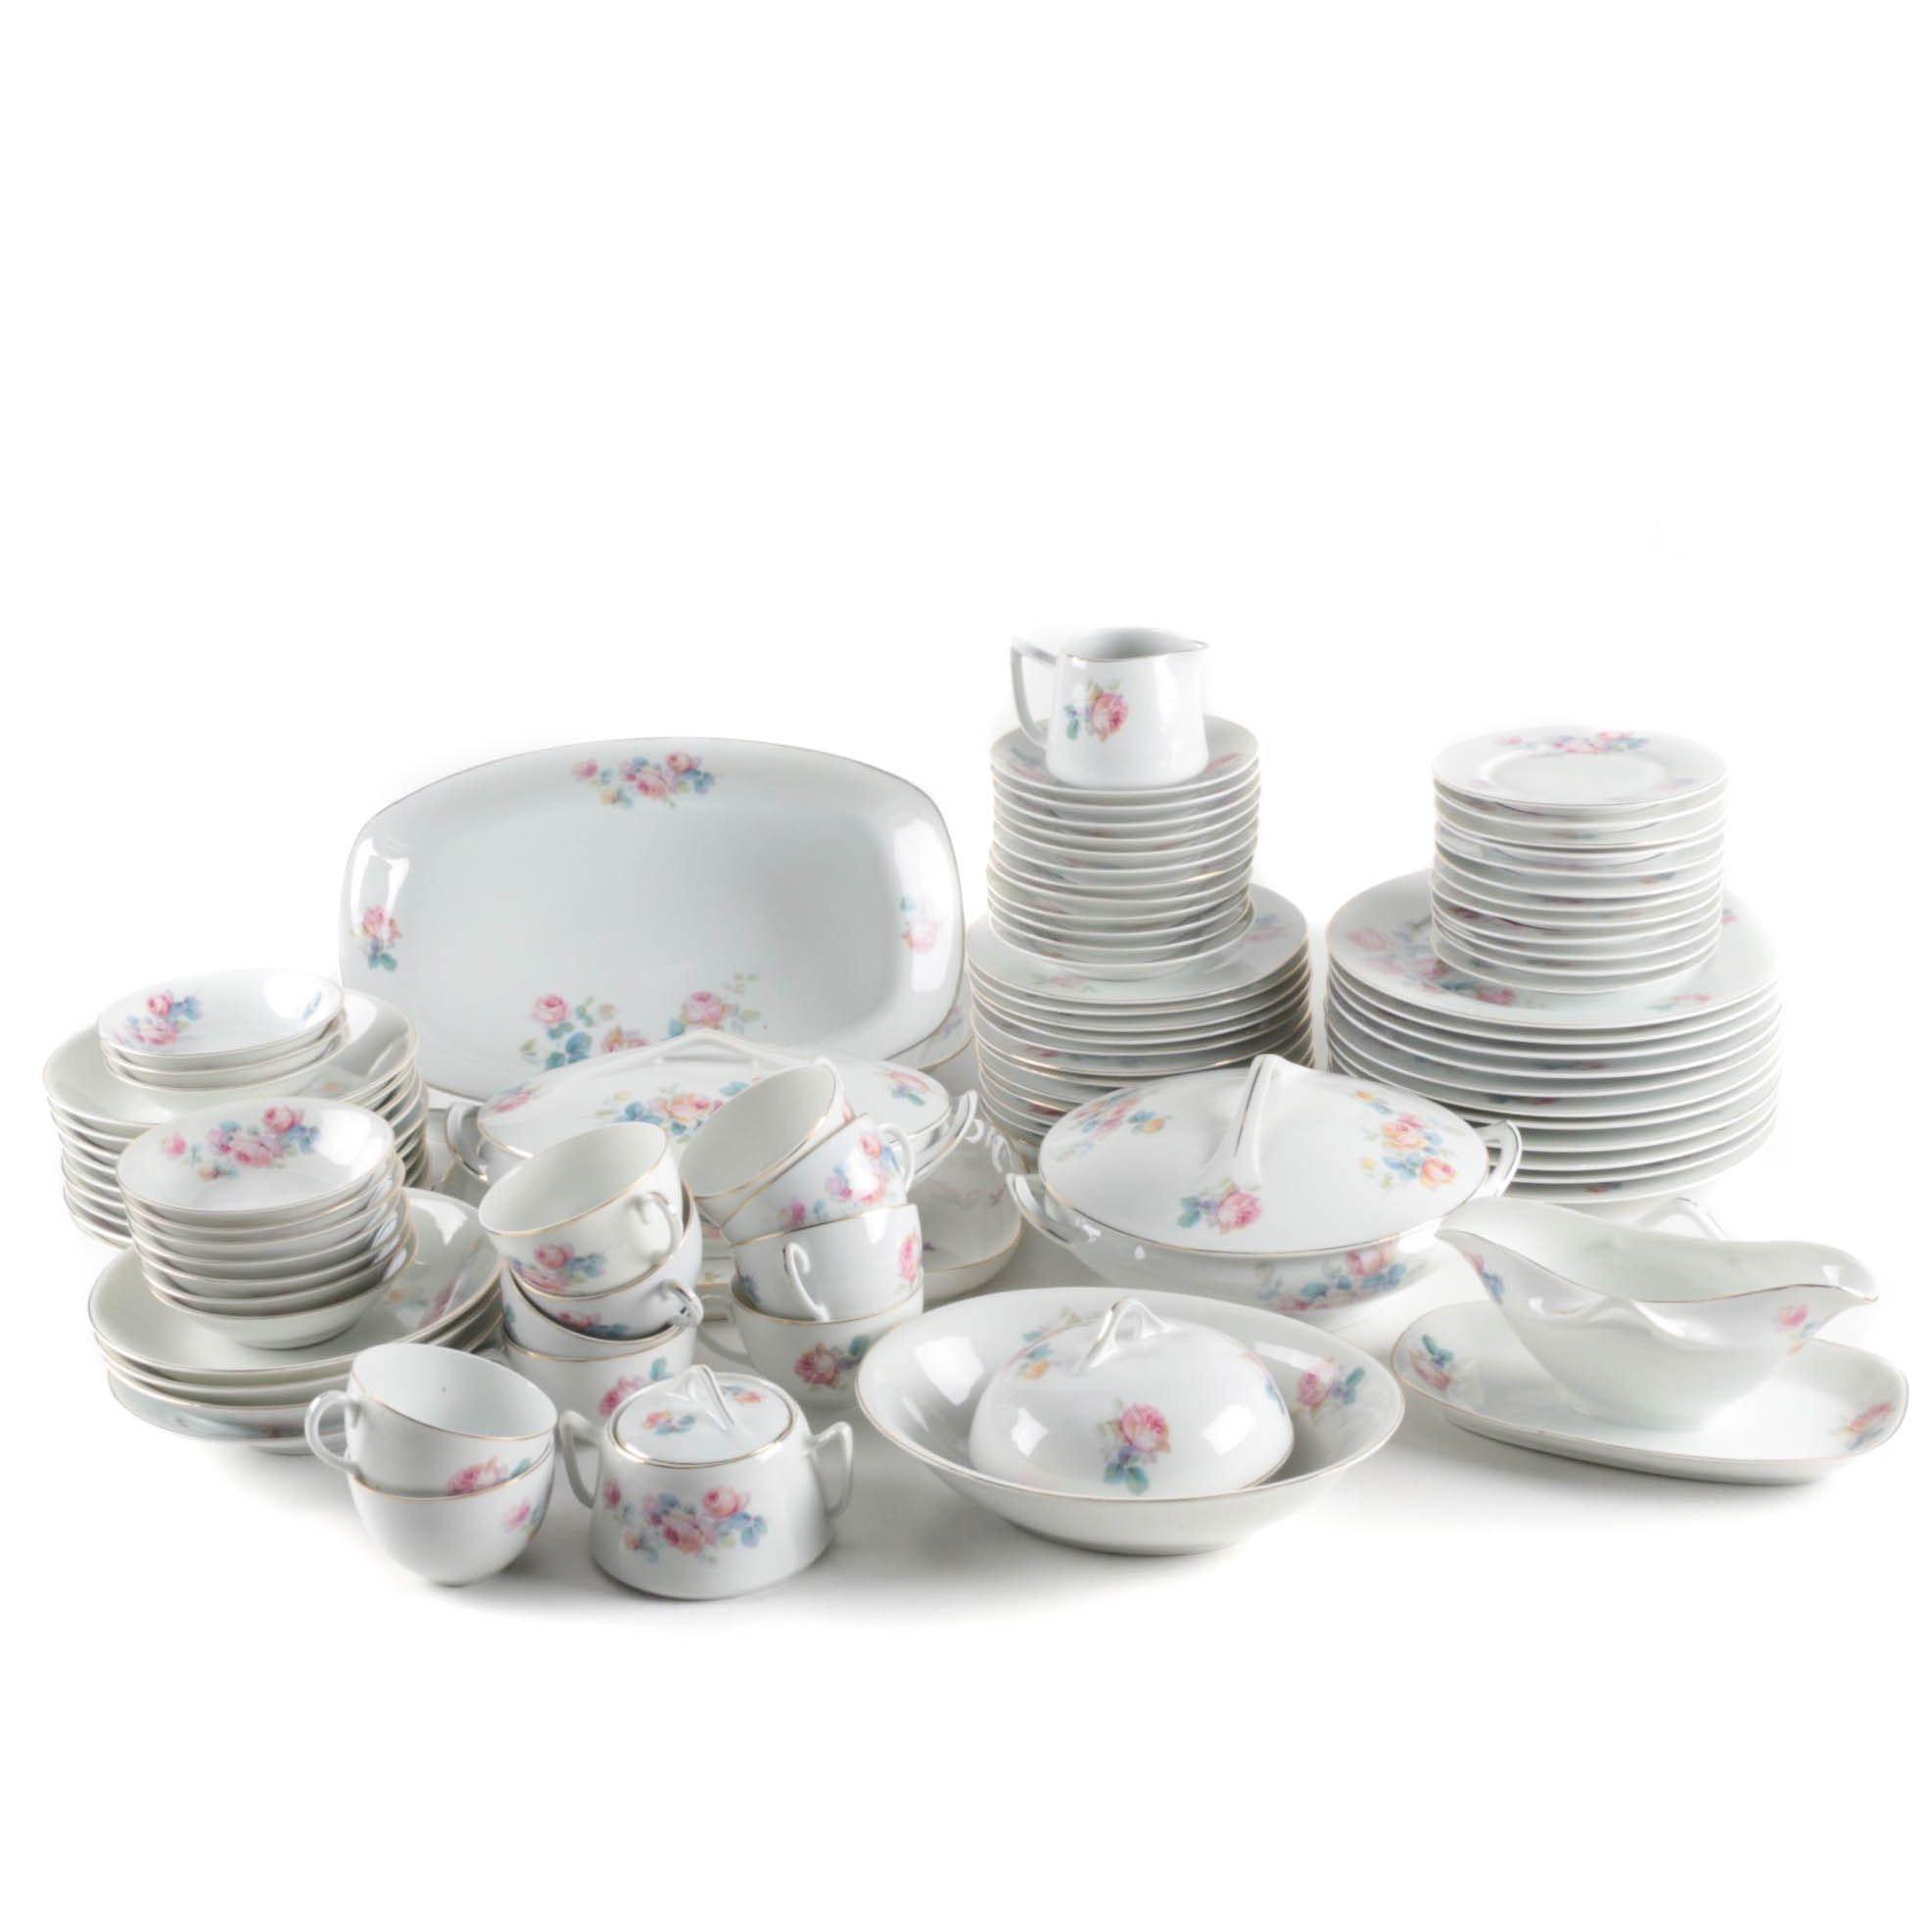 Hertel, Jacob & Co. Bavarian Porcelain Dinner Service Circa 1922-30